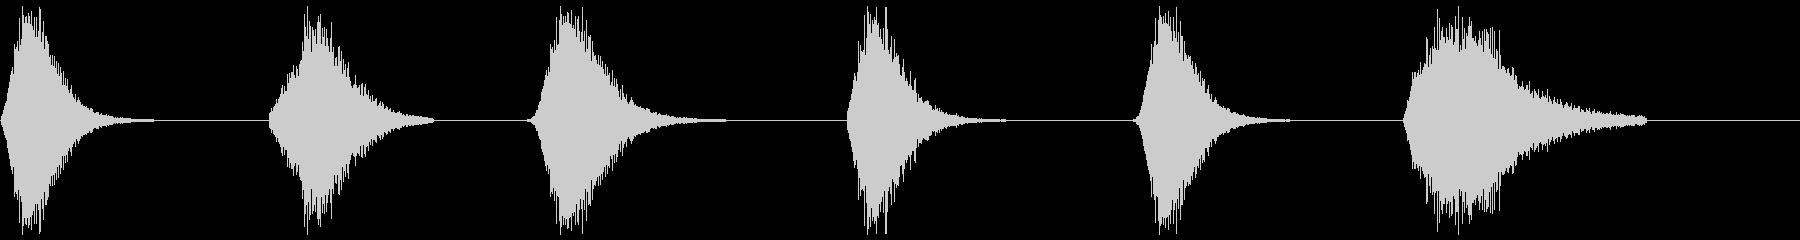 メタリックウーシ6-11の未再生の波形